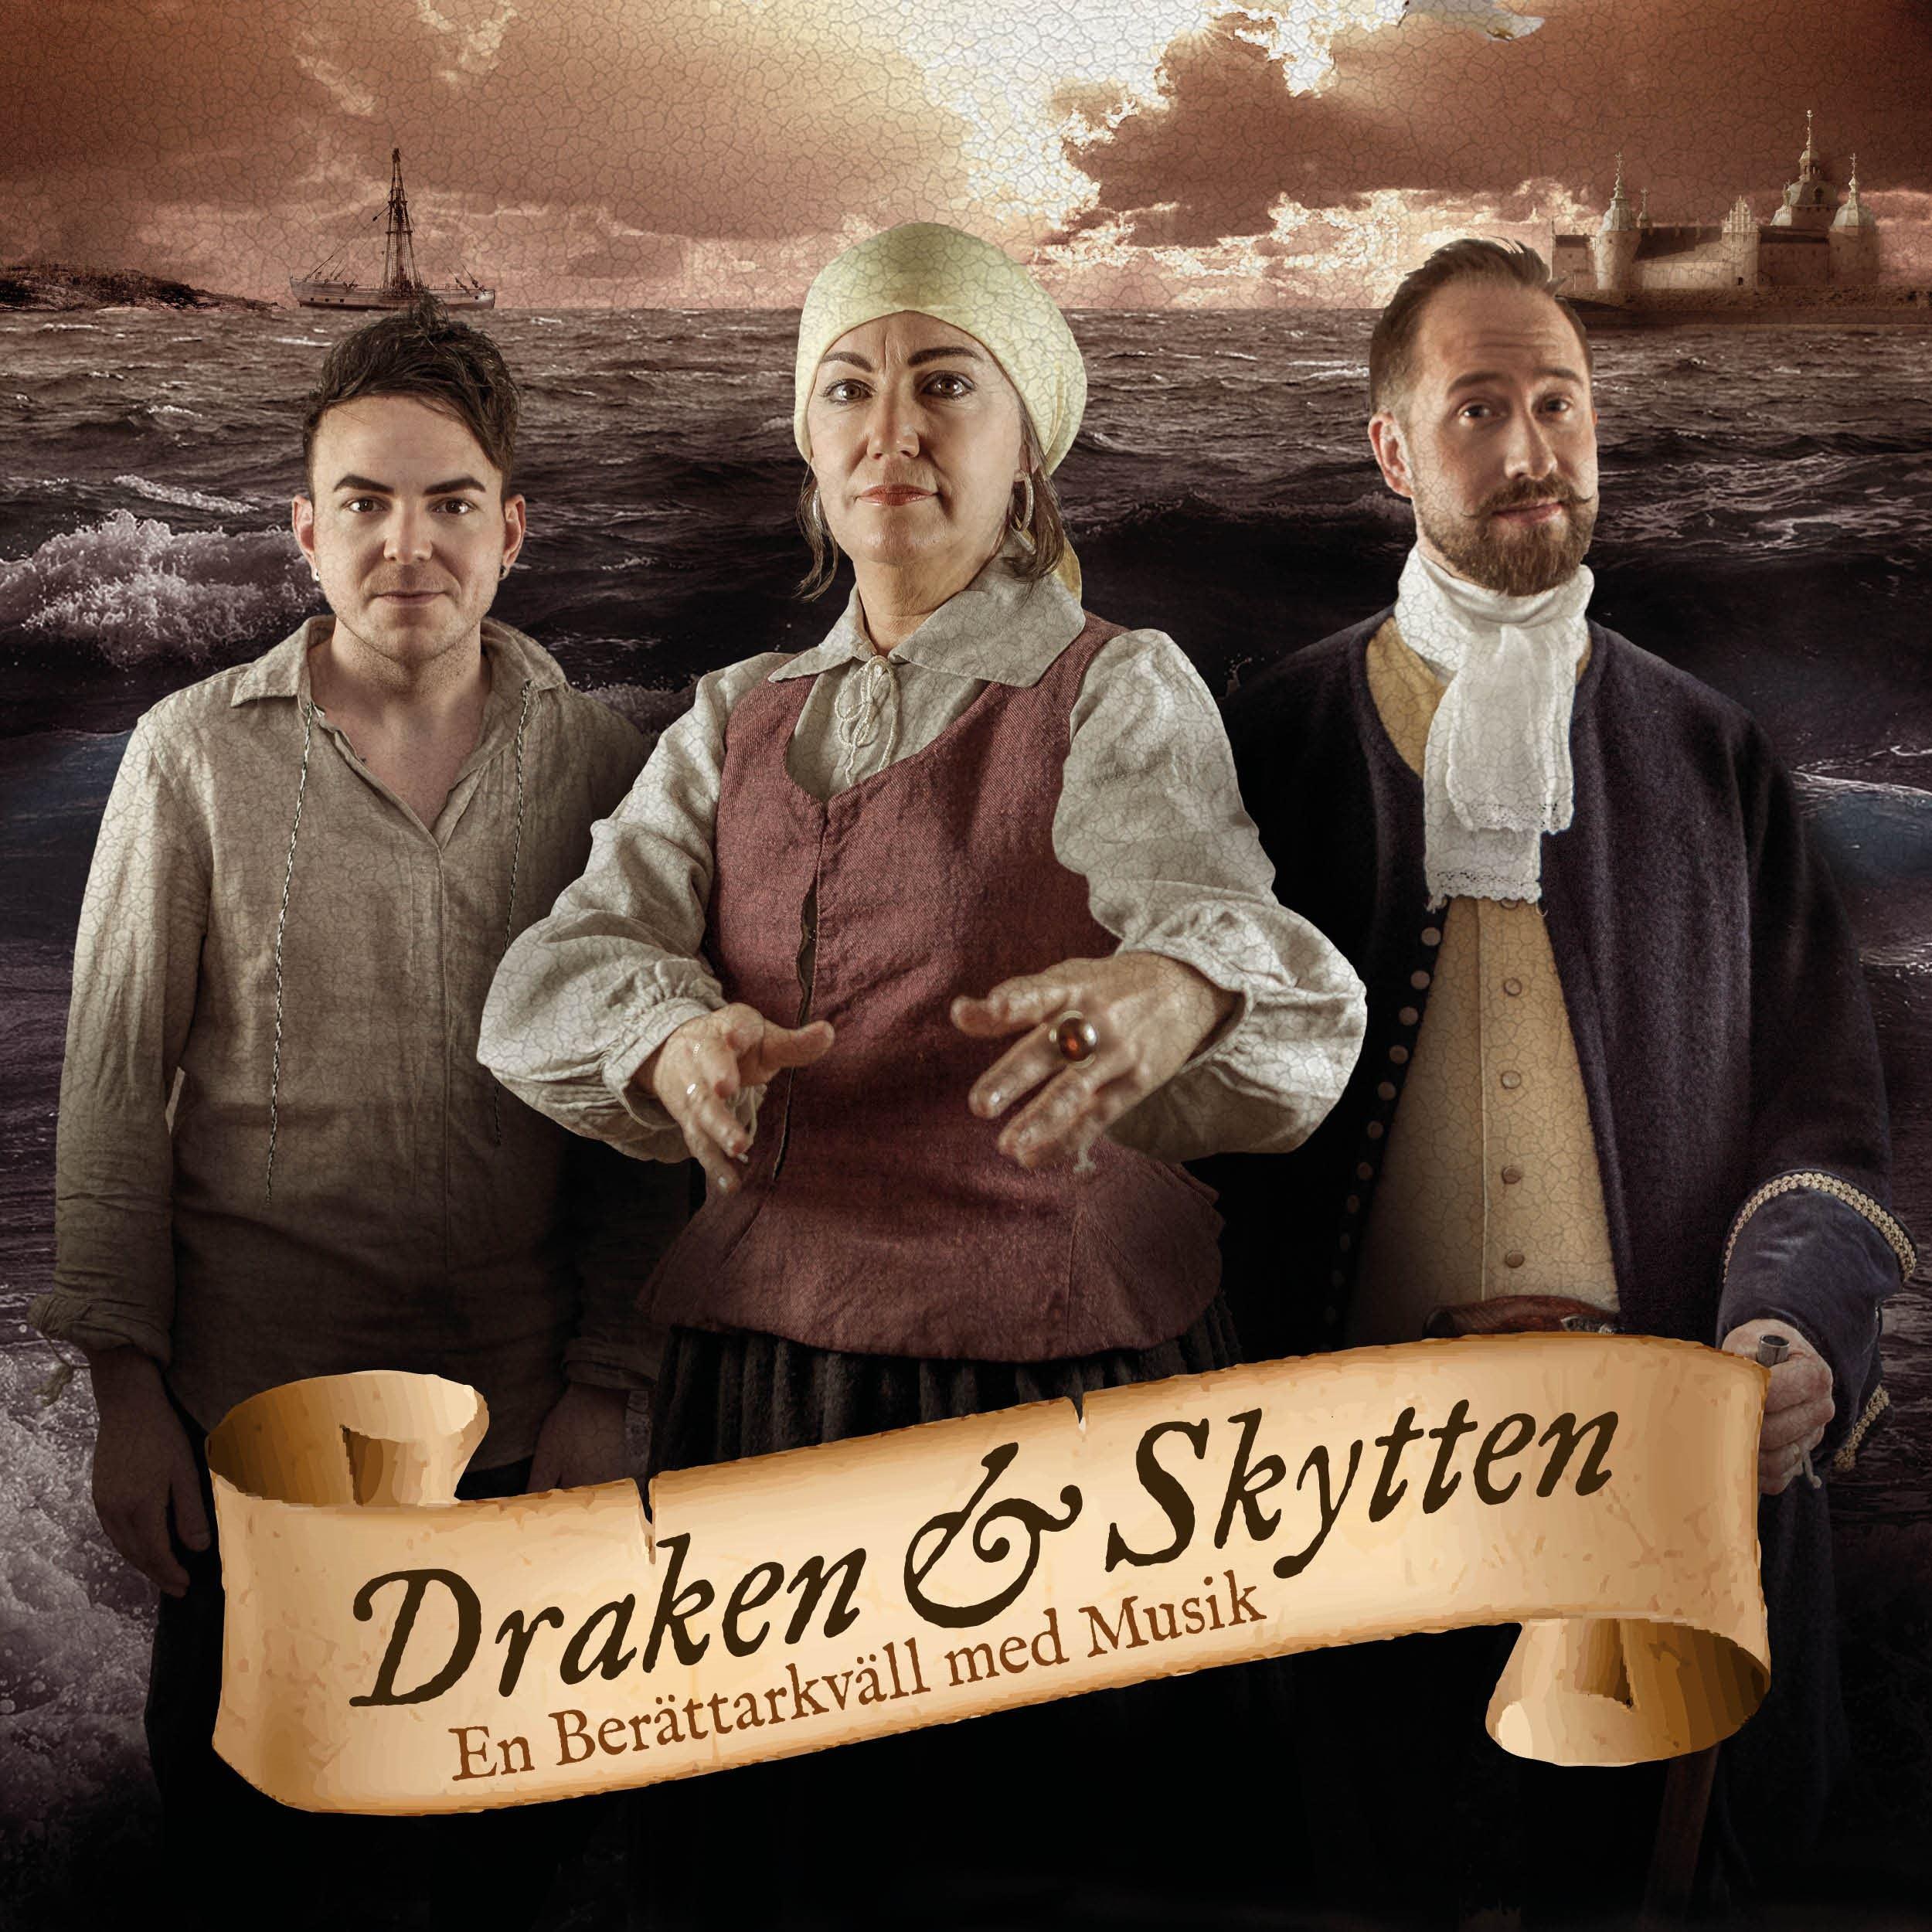 Draken & Skytten